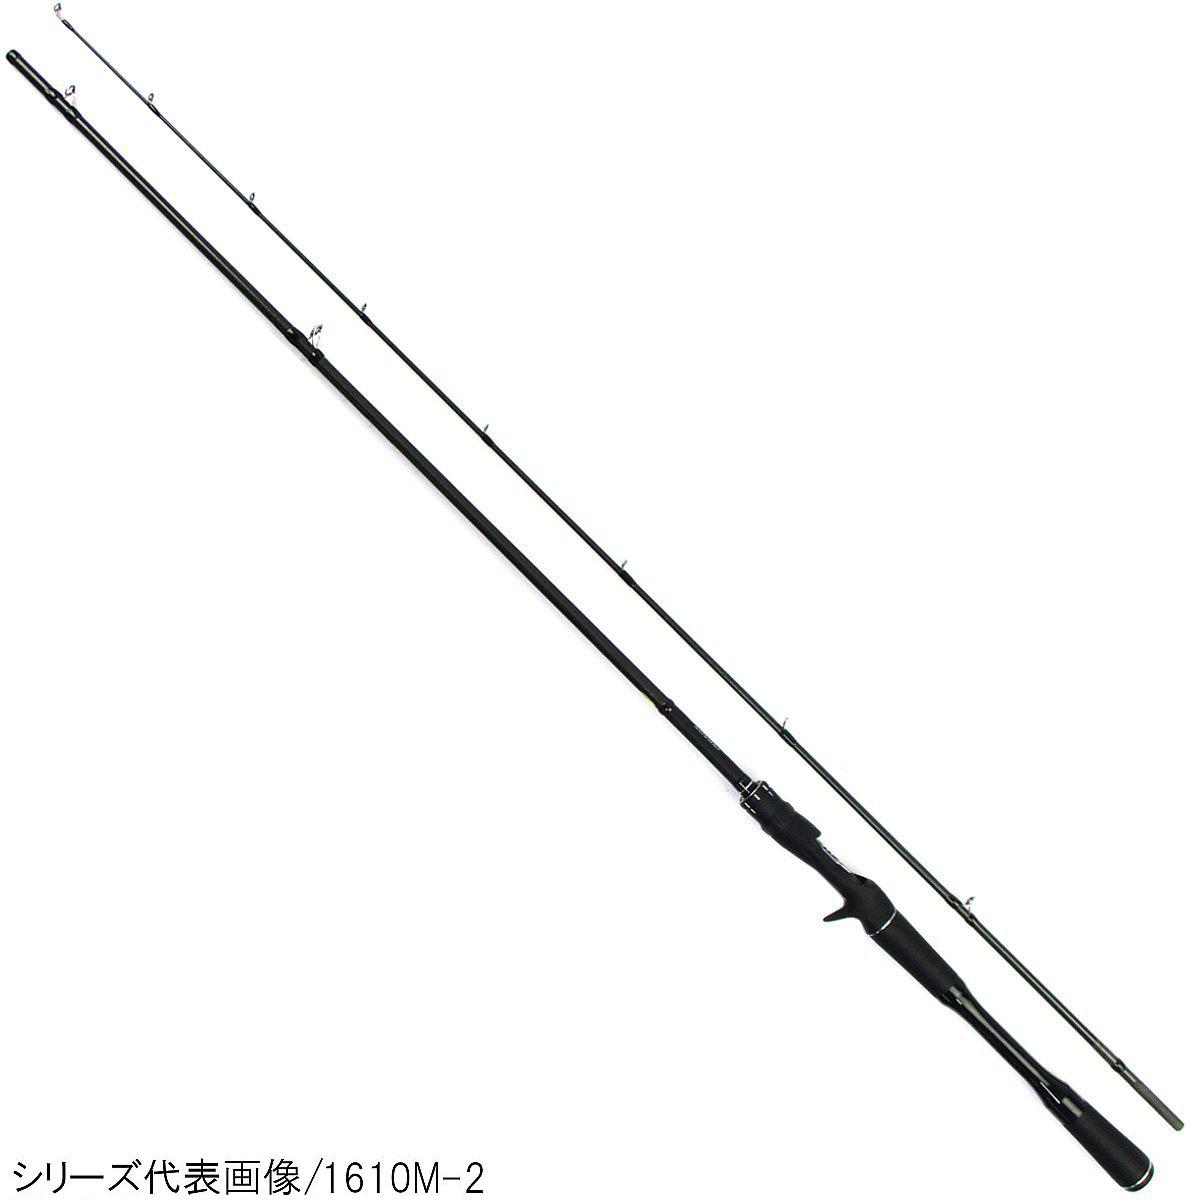 シマノ ポイズンアドレナ センターカット2ピース(ベイト) 166M-2【送料無料】